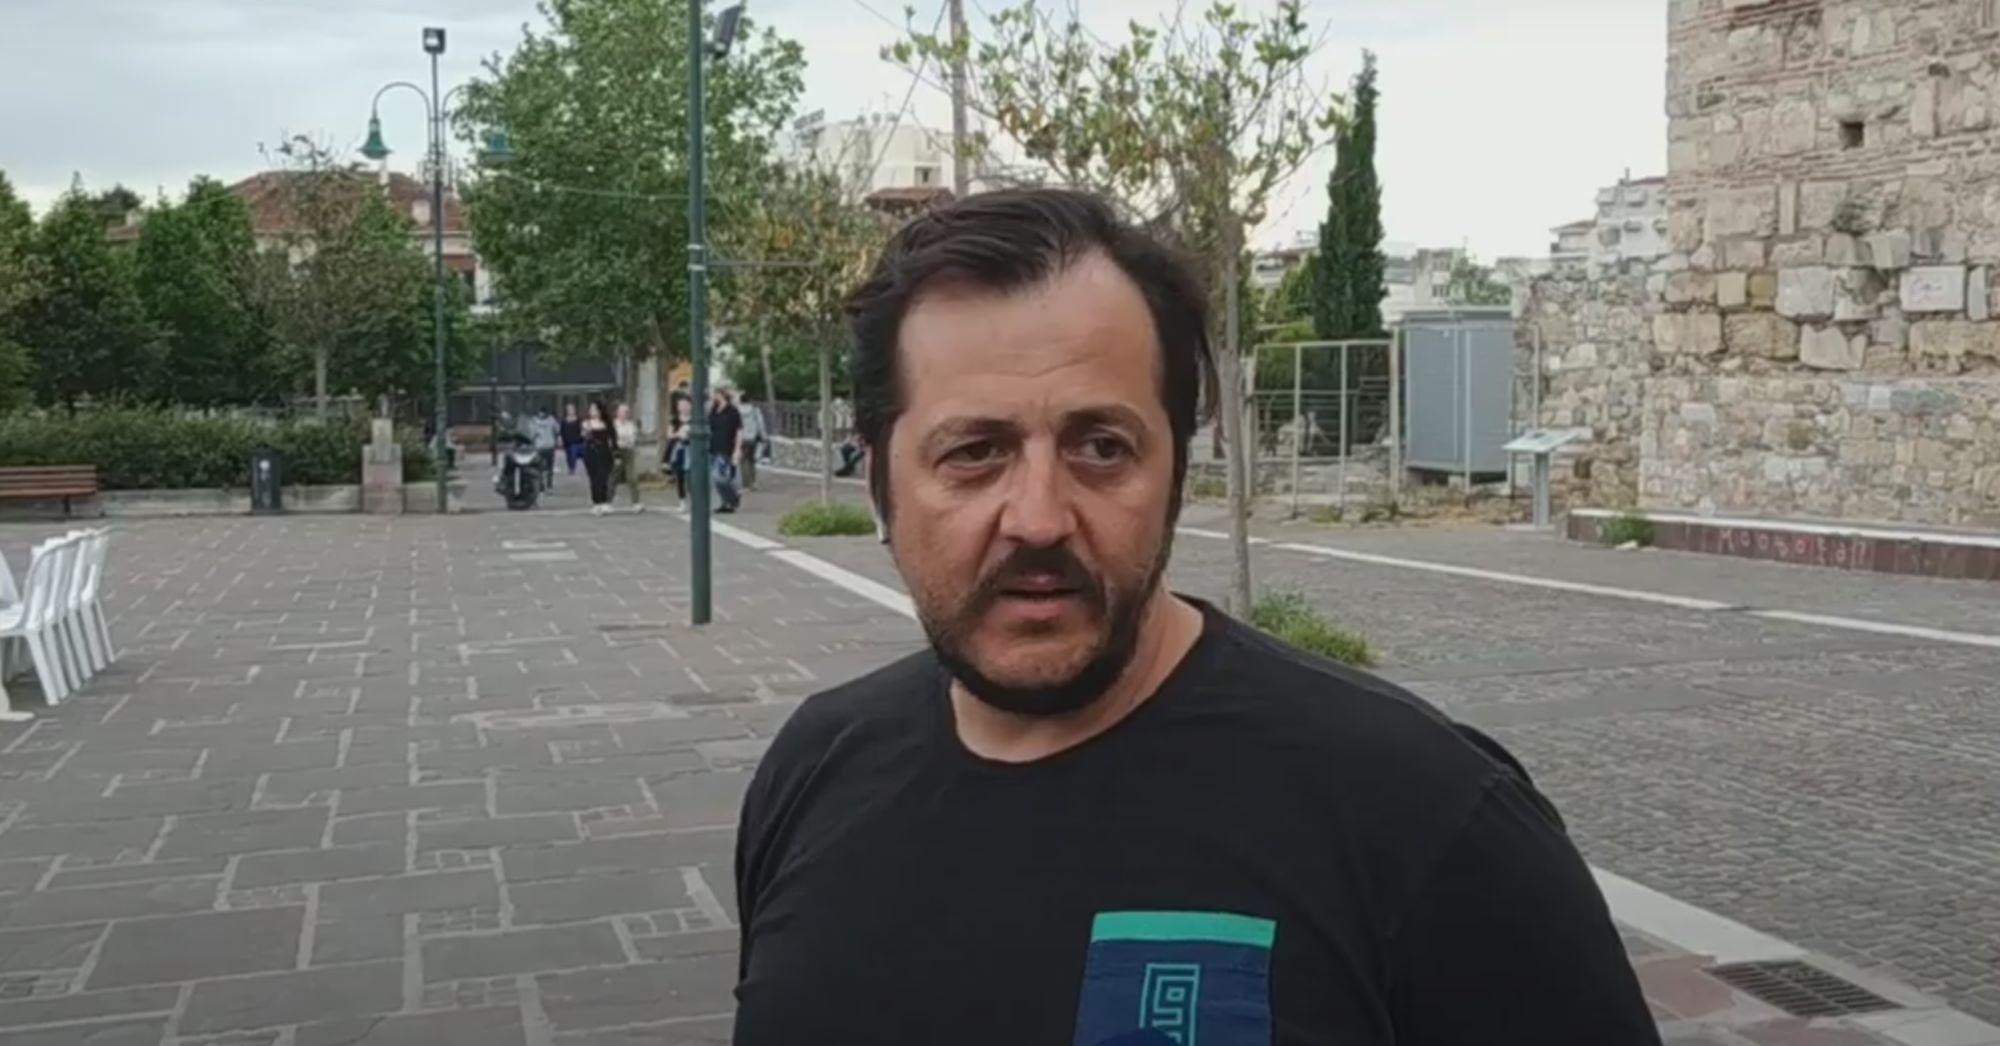 Λάρισα - Κορωνοϊός: Ακατανόητη θεωρούν την απόφαση για μεταμεσονύκτιο λουκέτο οι επαγγελματίες της πόλης